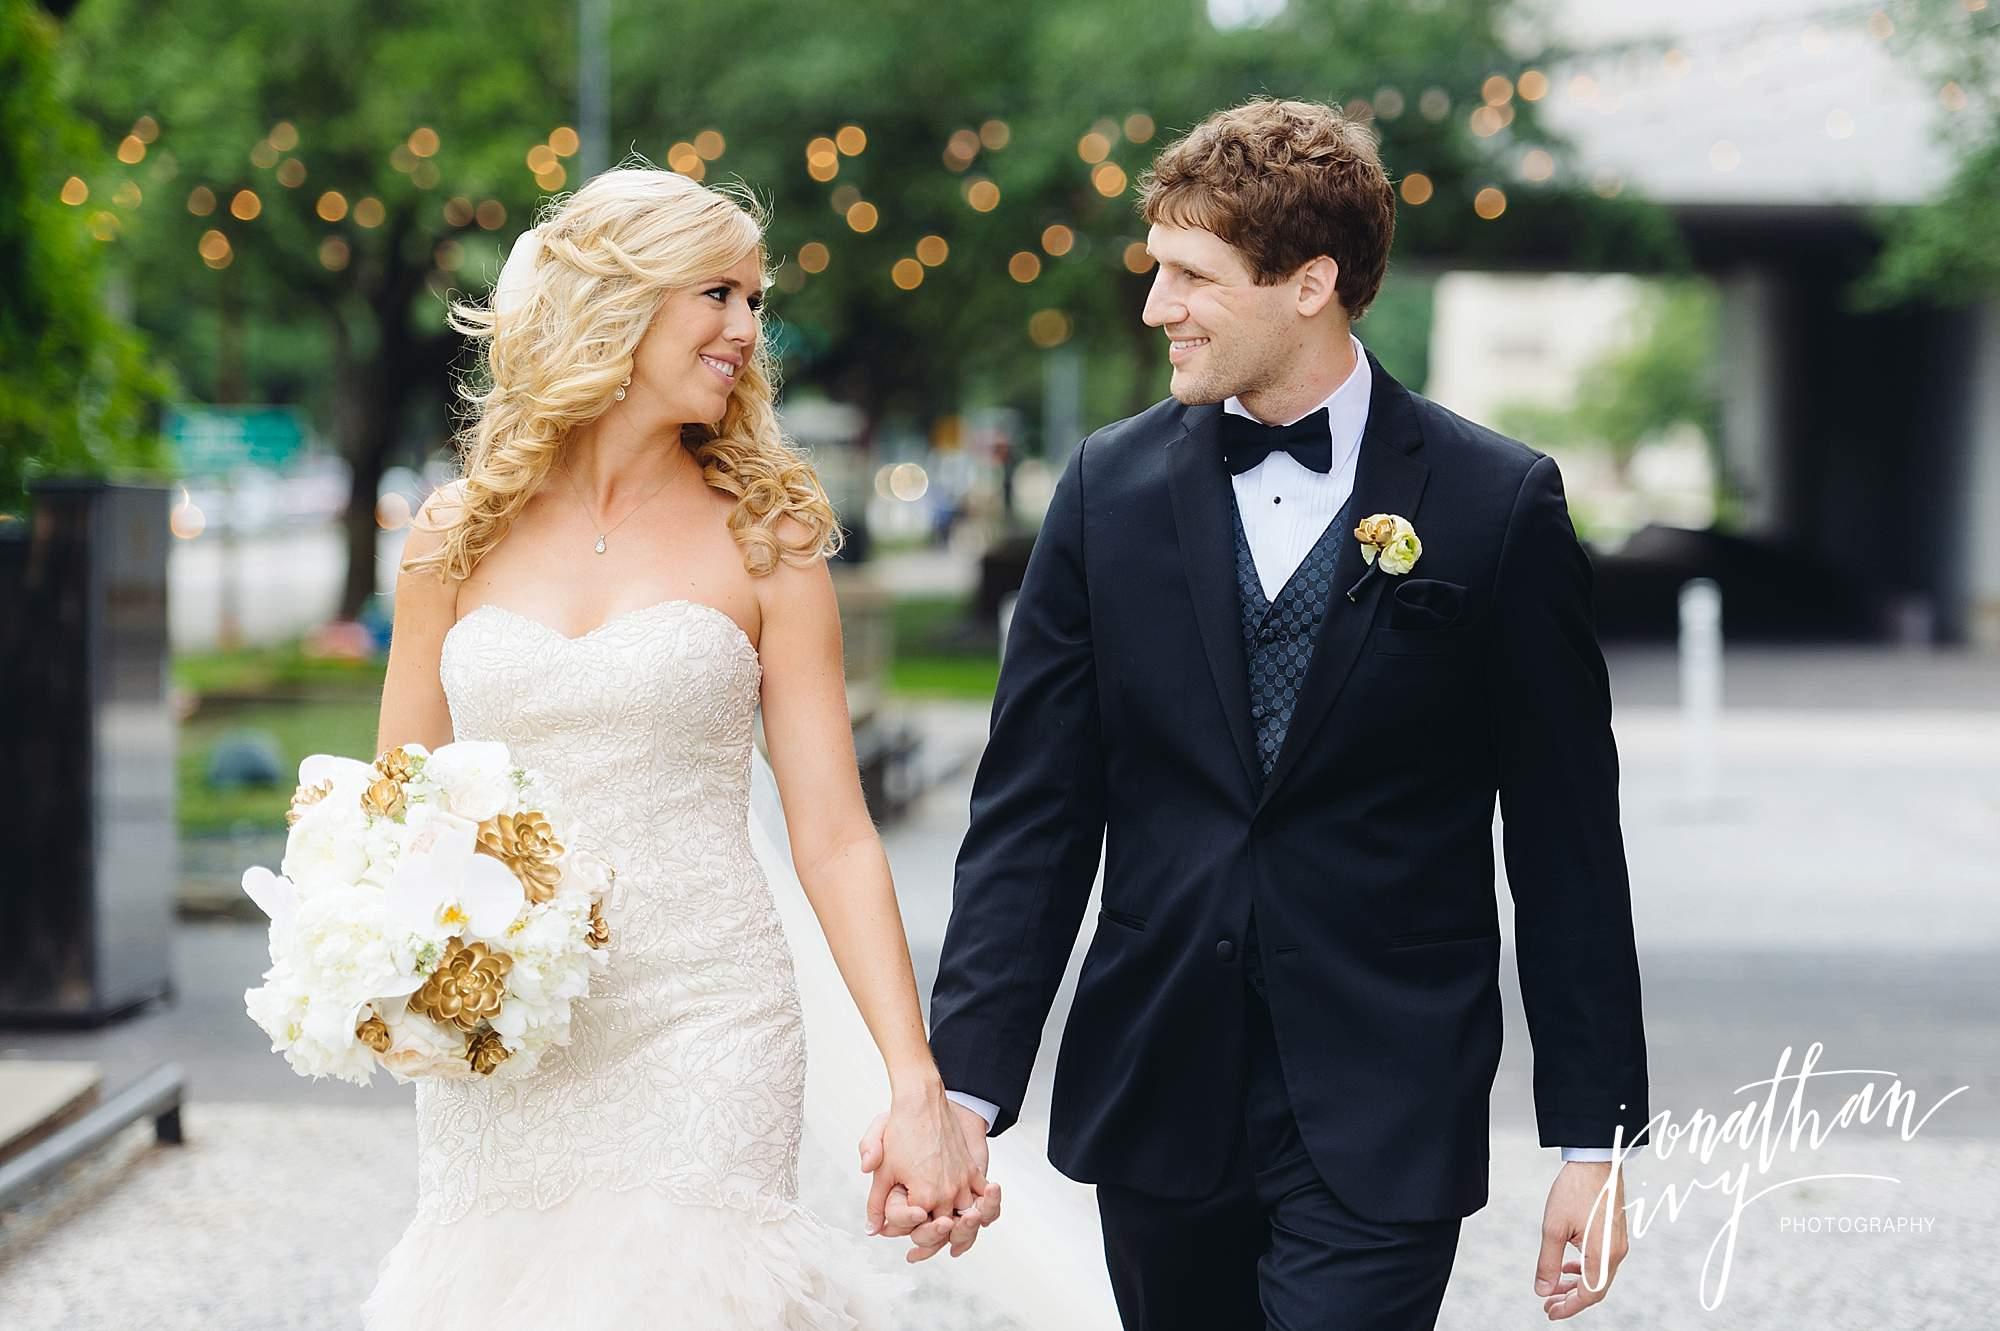 Hotel-Zaza-Houston-Wedding-Reception-0029.jpg